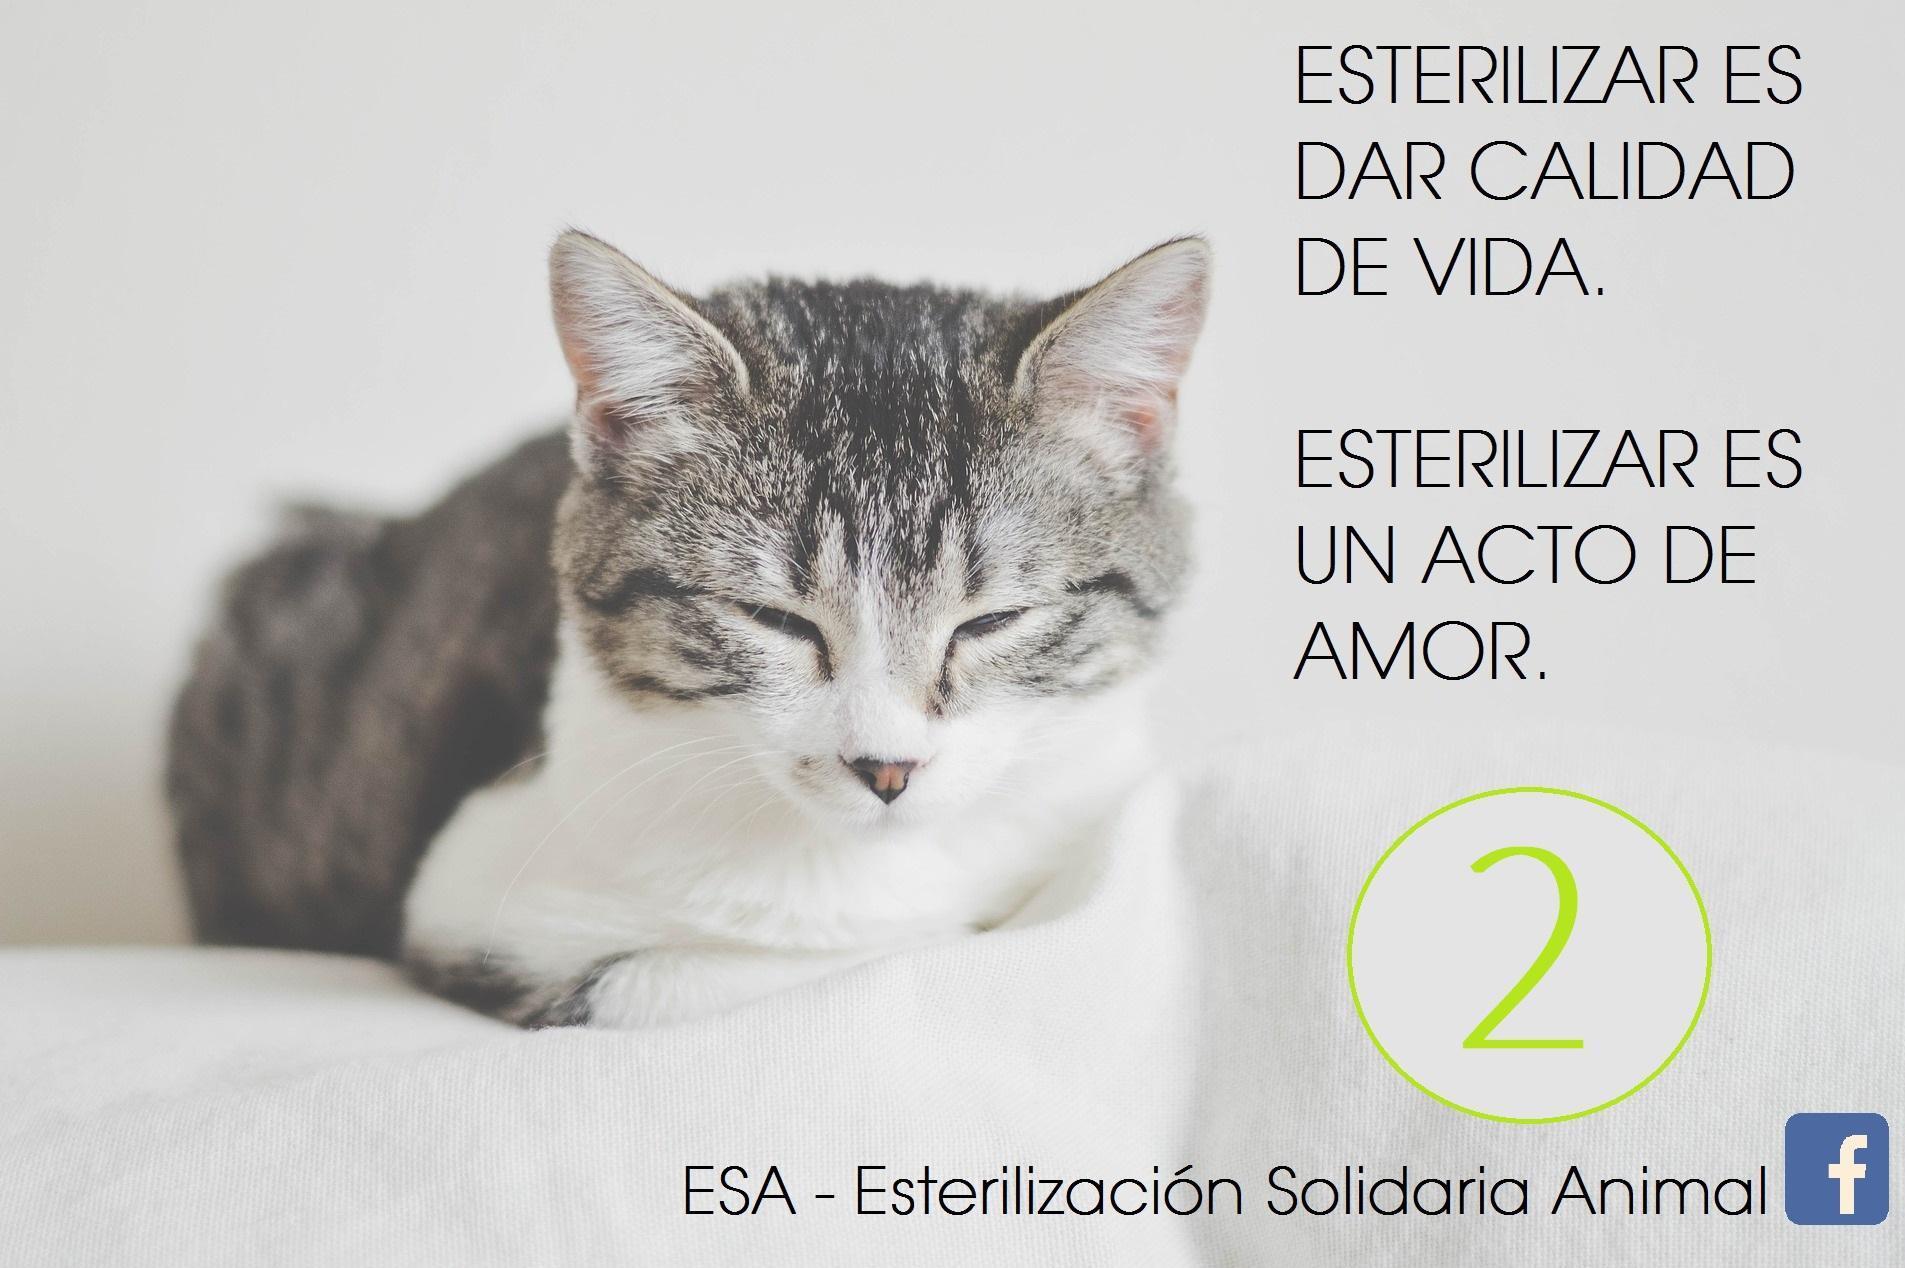 ESA - Esterilización Solidaria Animal 2